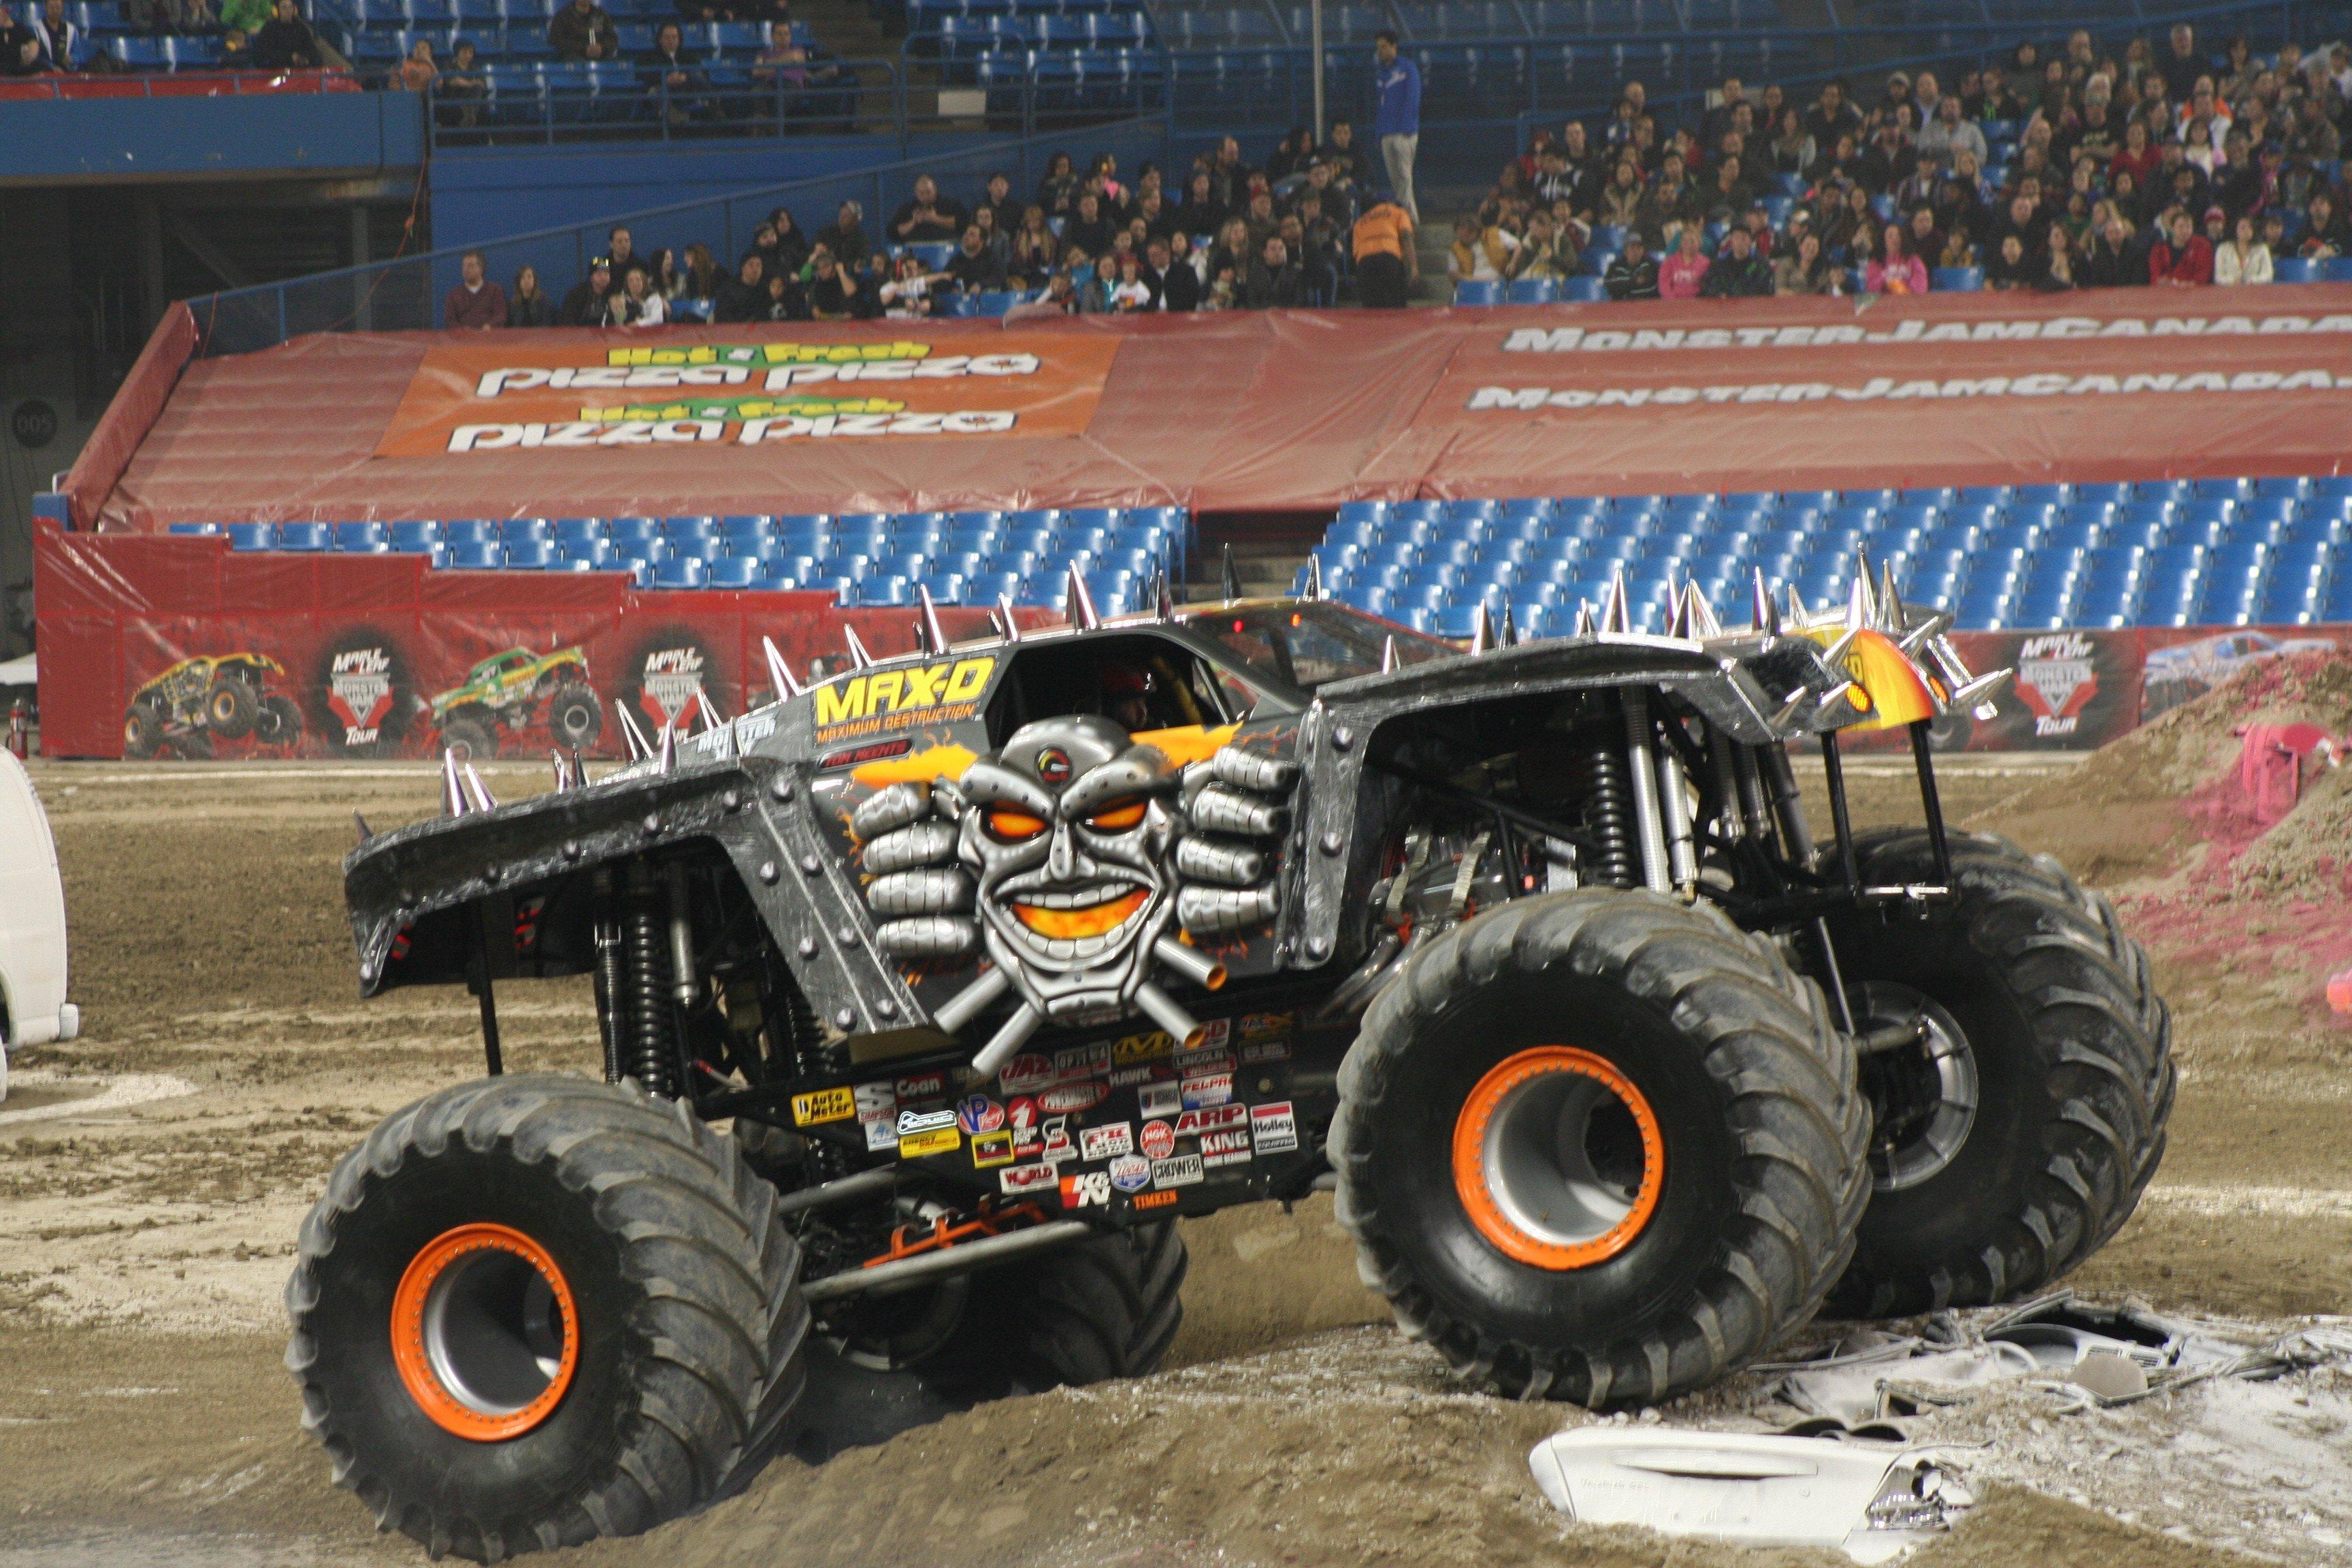 monster trucks truck 52 wallpaper 3456x2304 322237 WallpaperUP 3456x2304